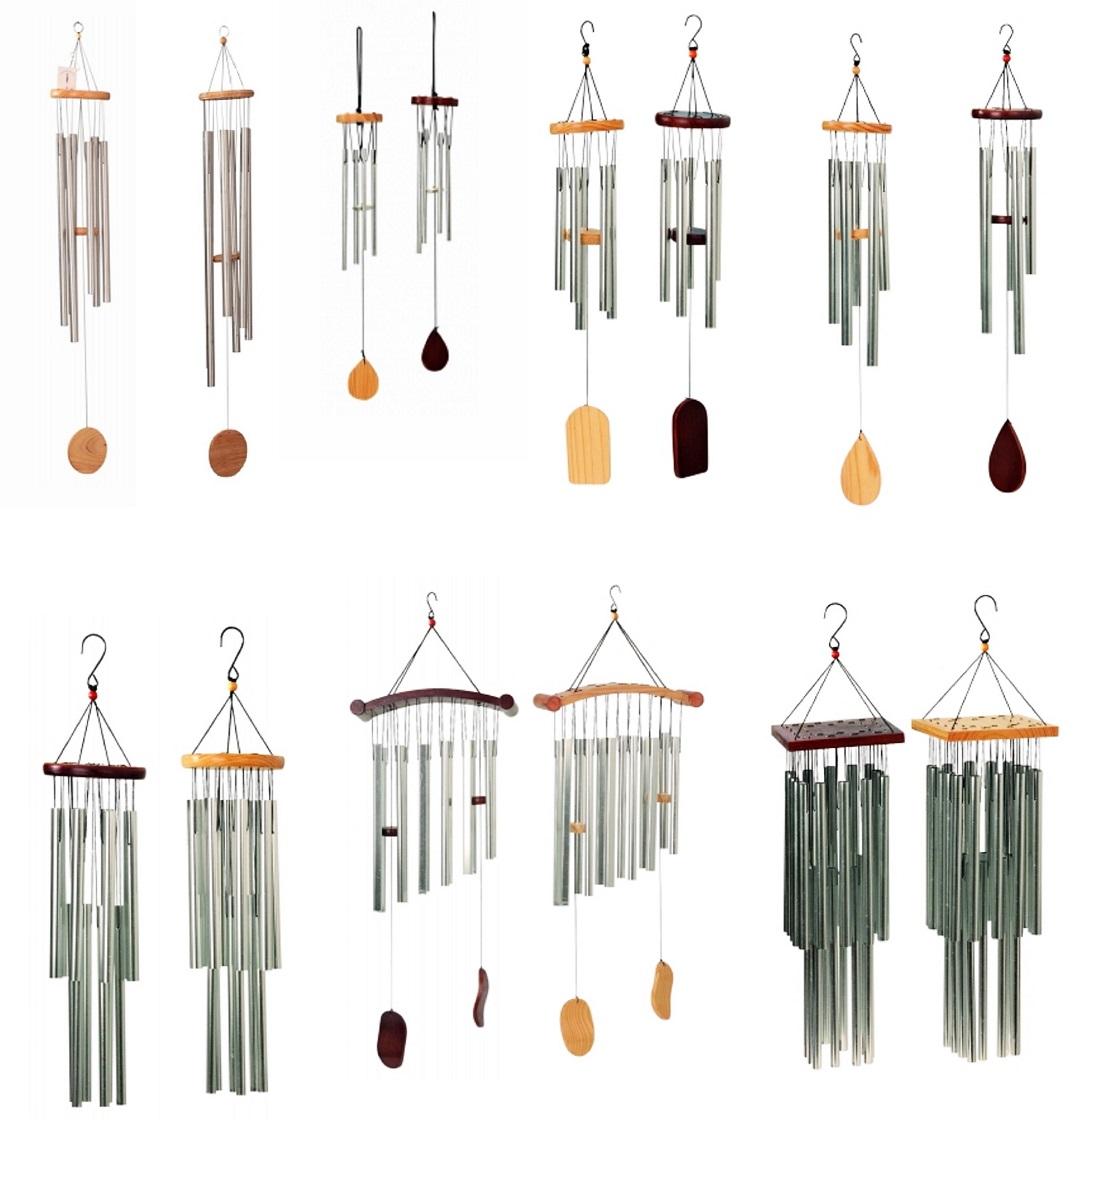 klassisches klangspiel 6 klangr hren 80cm windspiel feng shui mobile. Black Bedroom Furniture Sets. Home Design Ideas